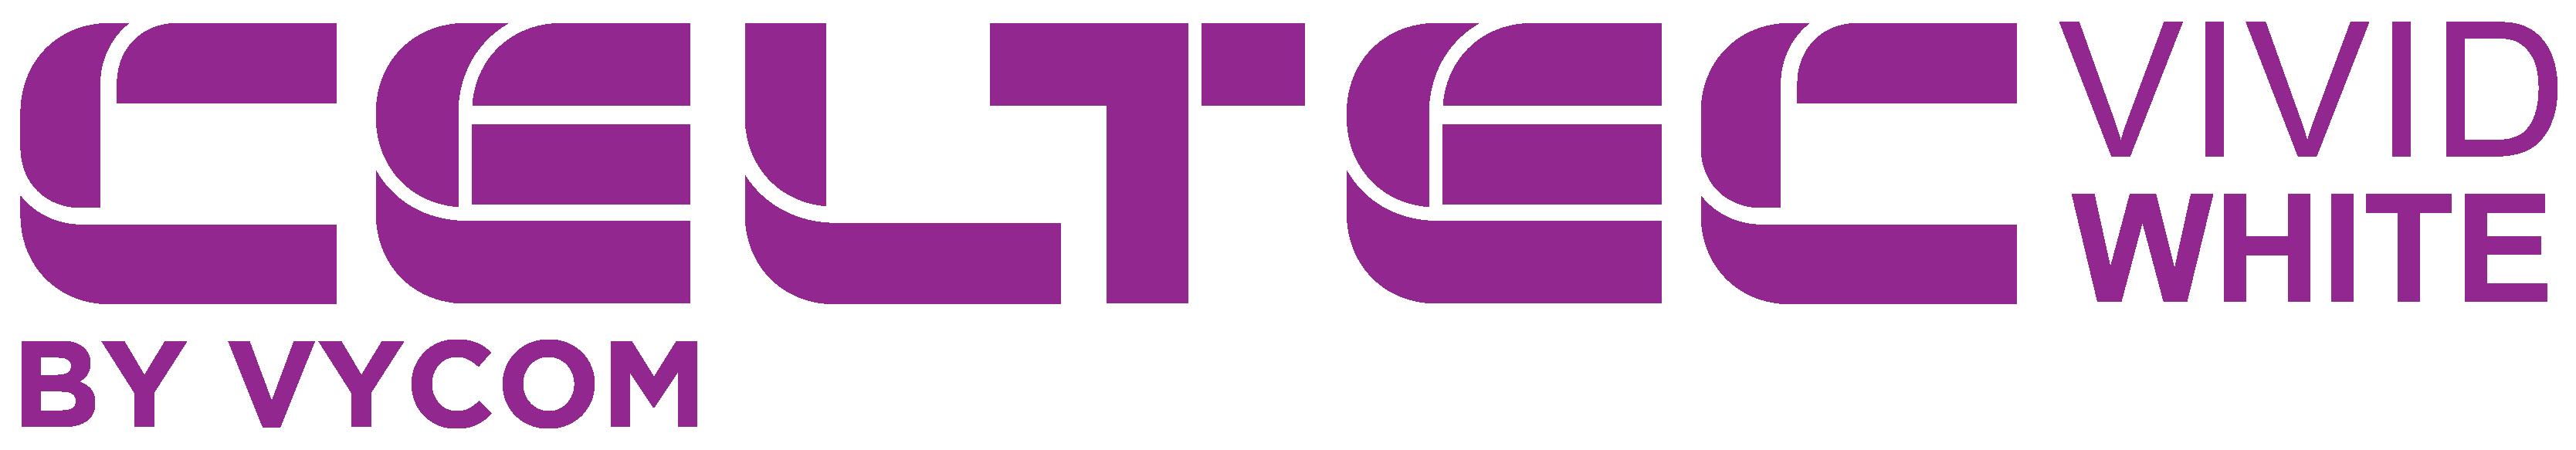 celtec - family logos 300dpi purple-vivid white